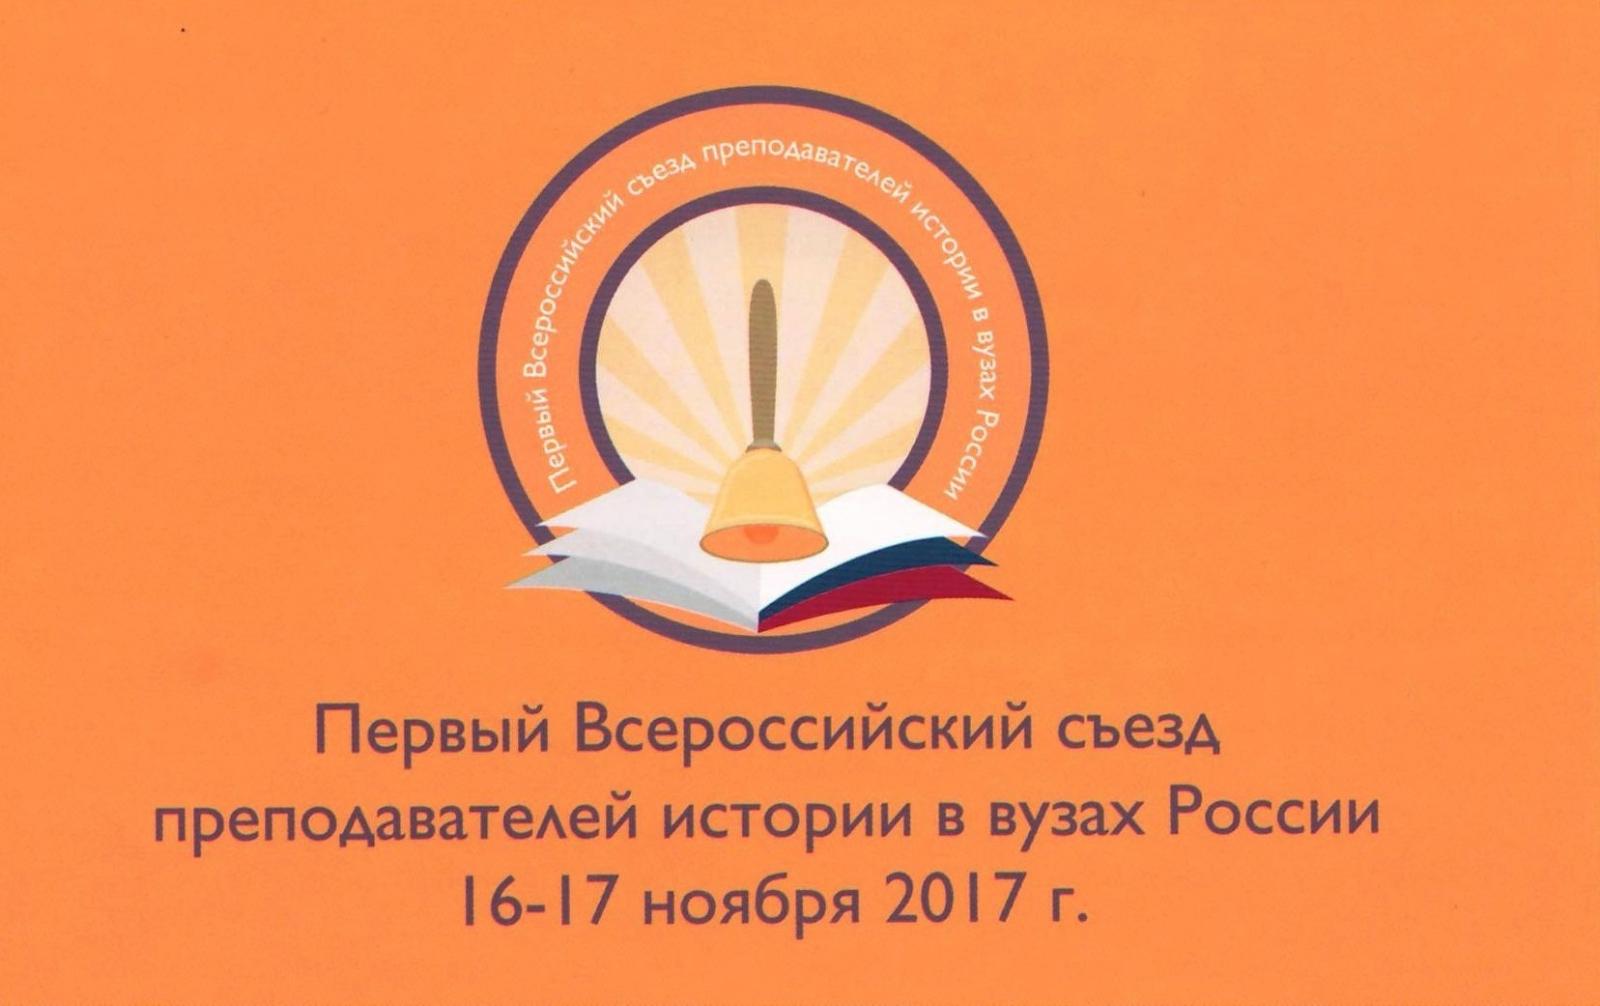 Представители ВШОН ГИ приняли участие в Первом Всероссийском съезде преподавателей истории в вузах России